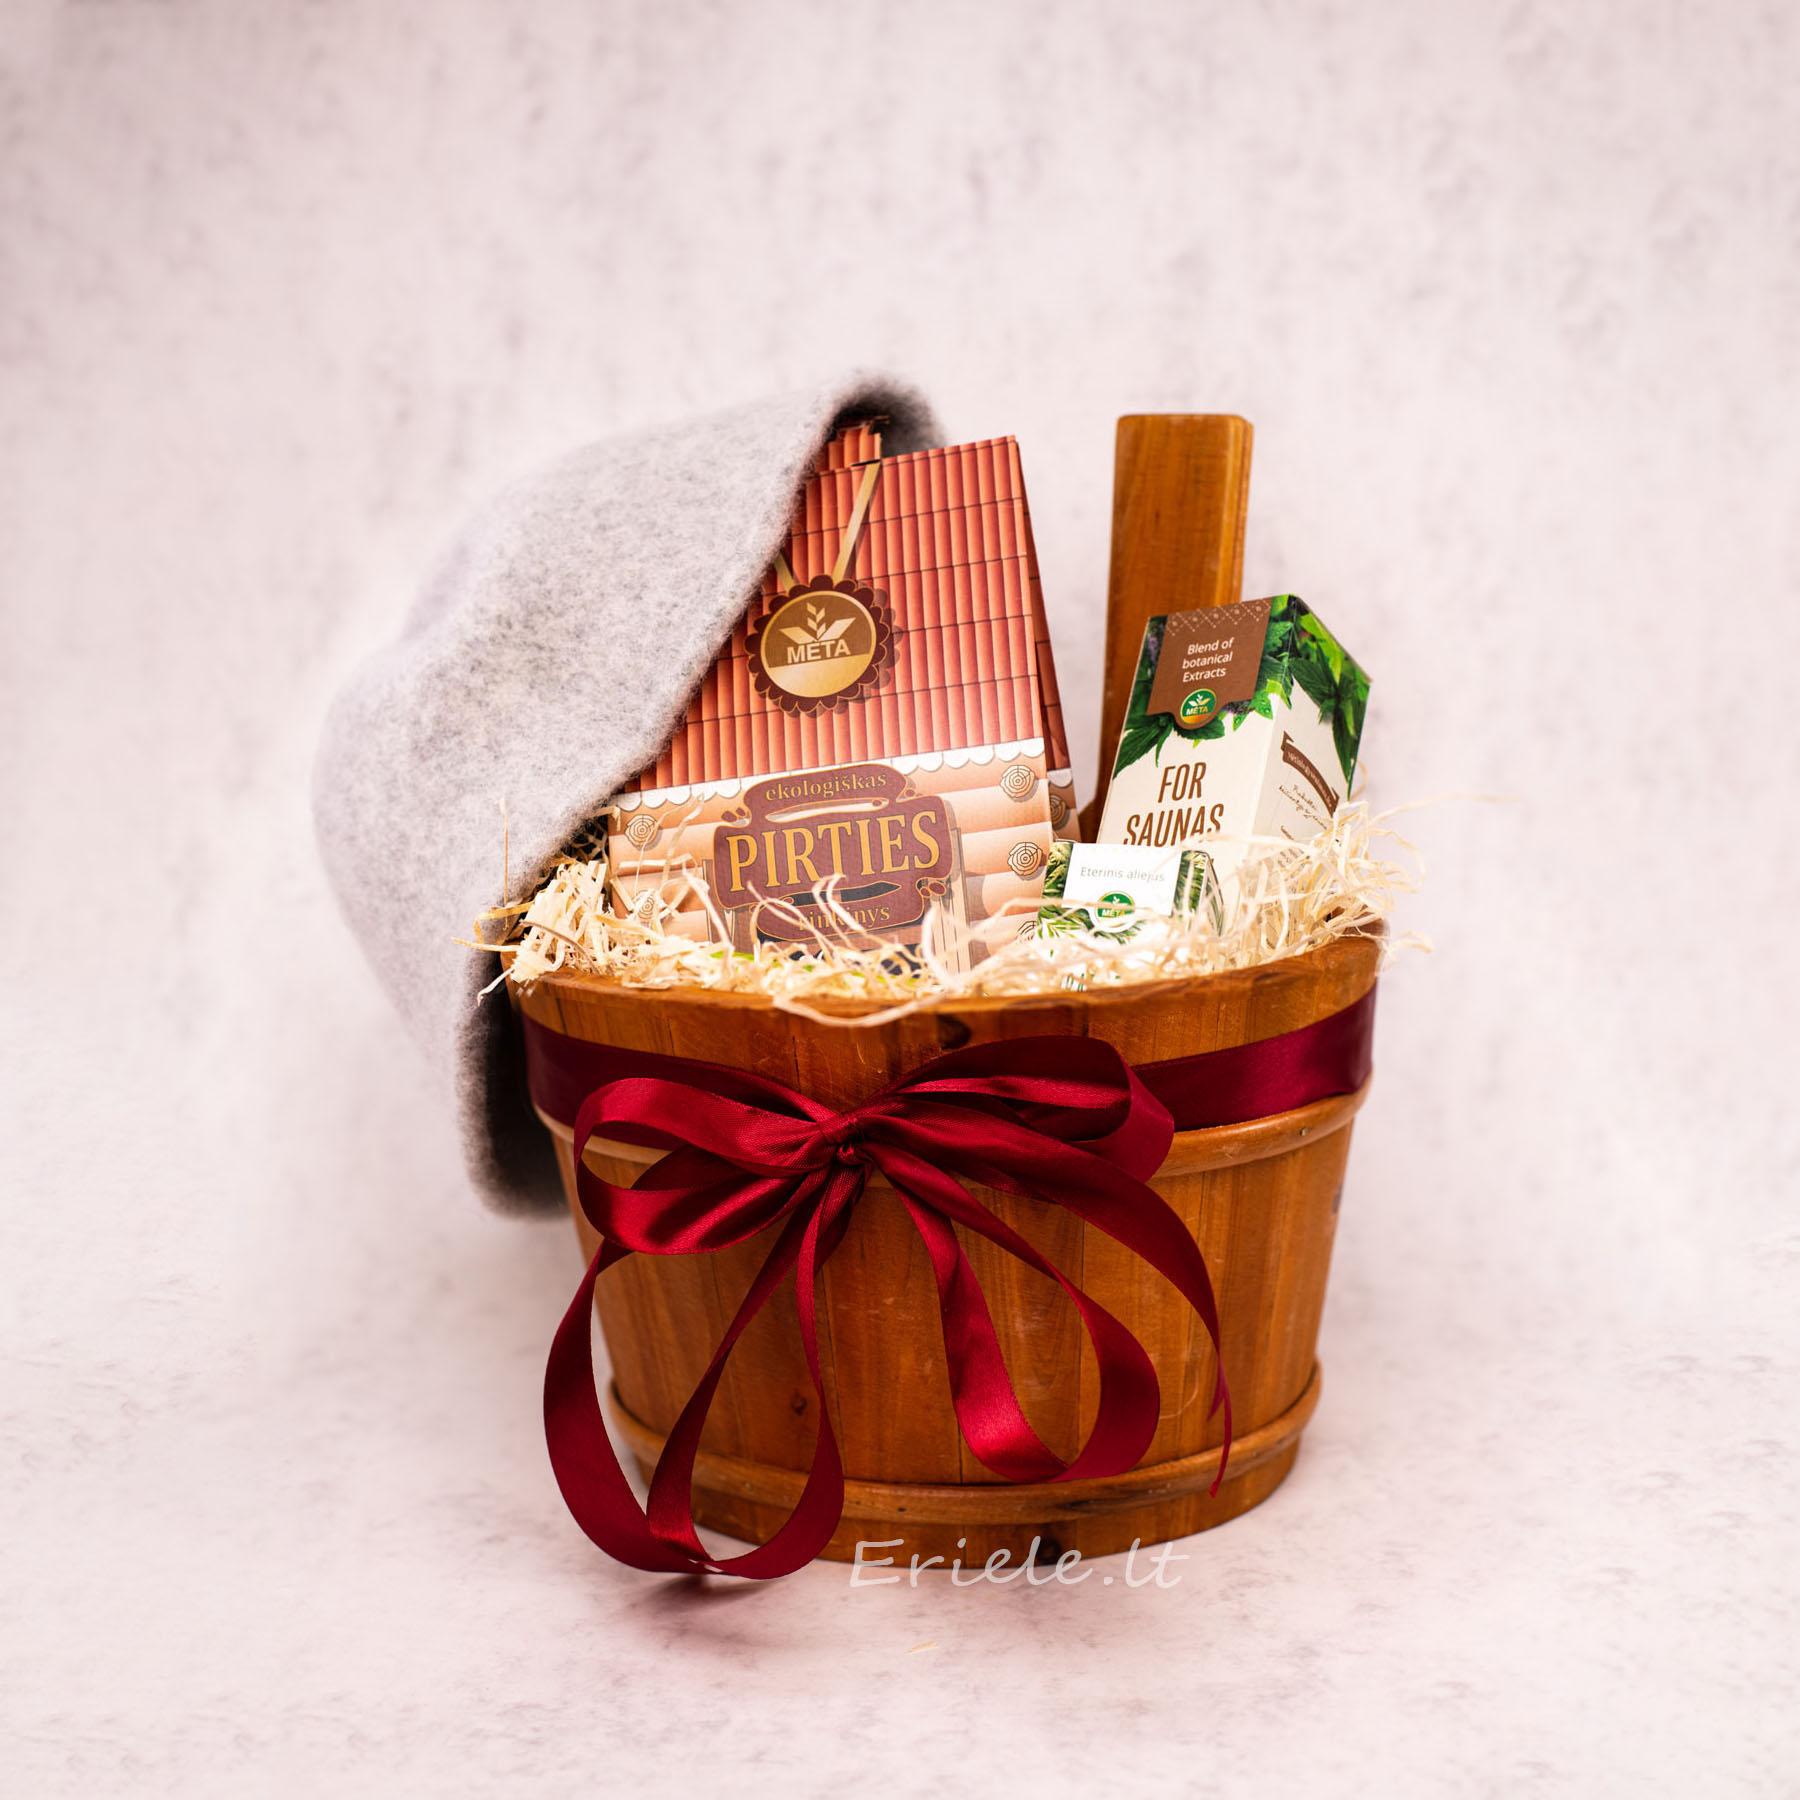 pirties dovanu rinkiniai vyrams pirtims meta saunos pirciu aksesuarai dovanos  vyrams krepseliai dovana vyrui pirtininkui pristatymas i namus visoje lietuvoje.jpg++++